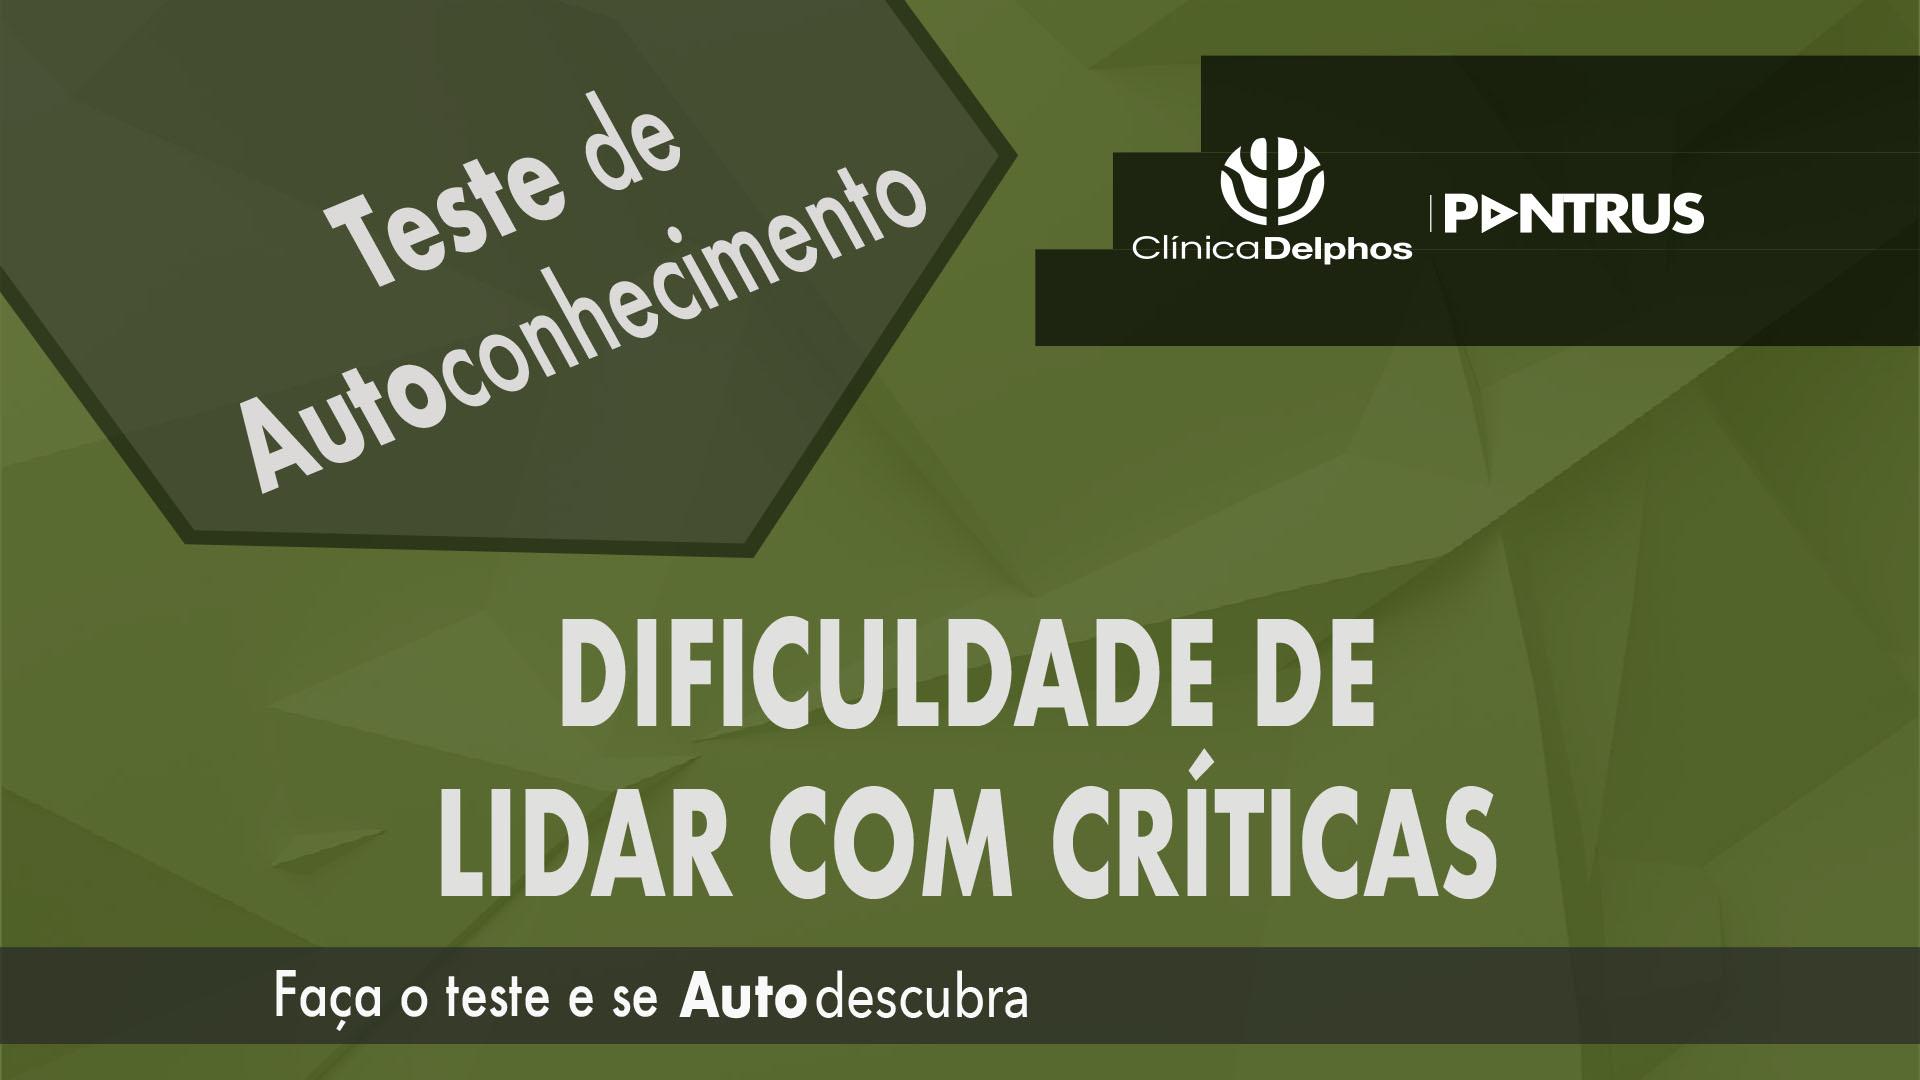 Teste Lidar com Críticas